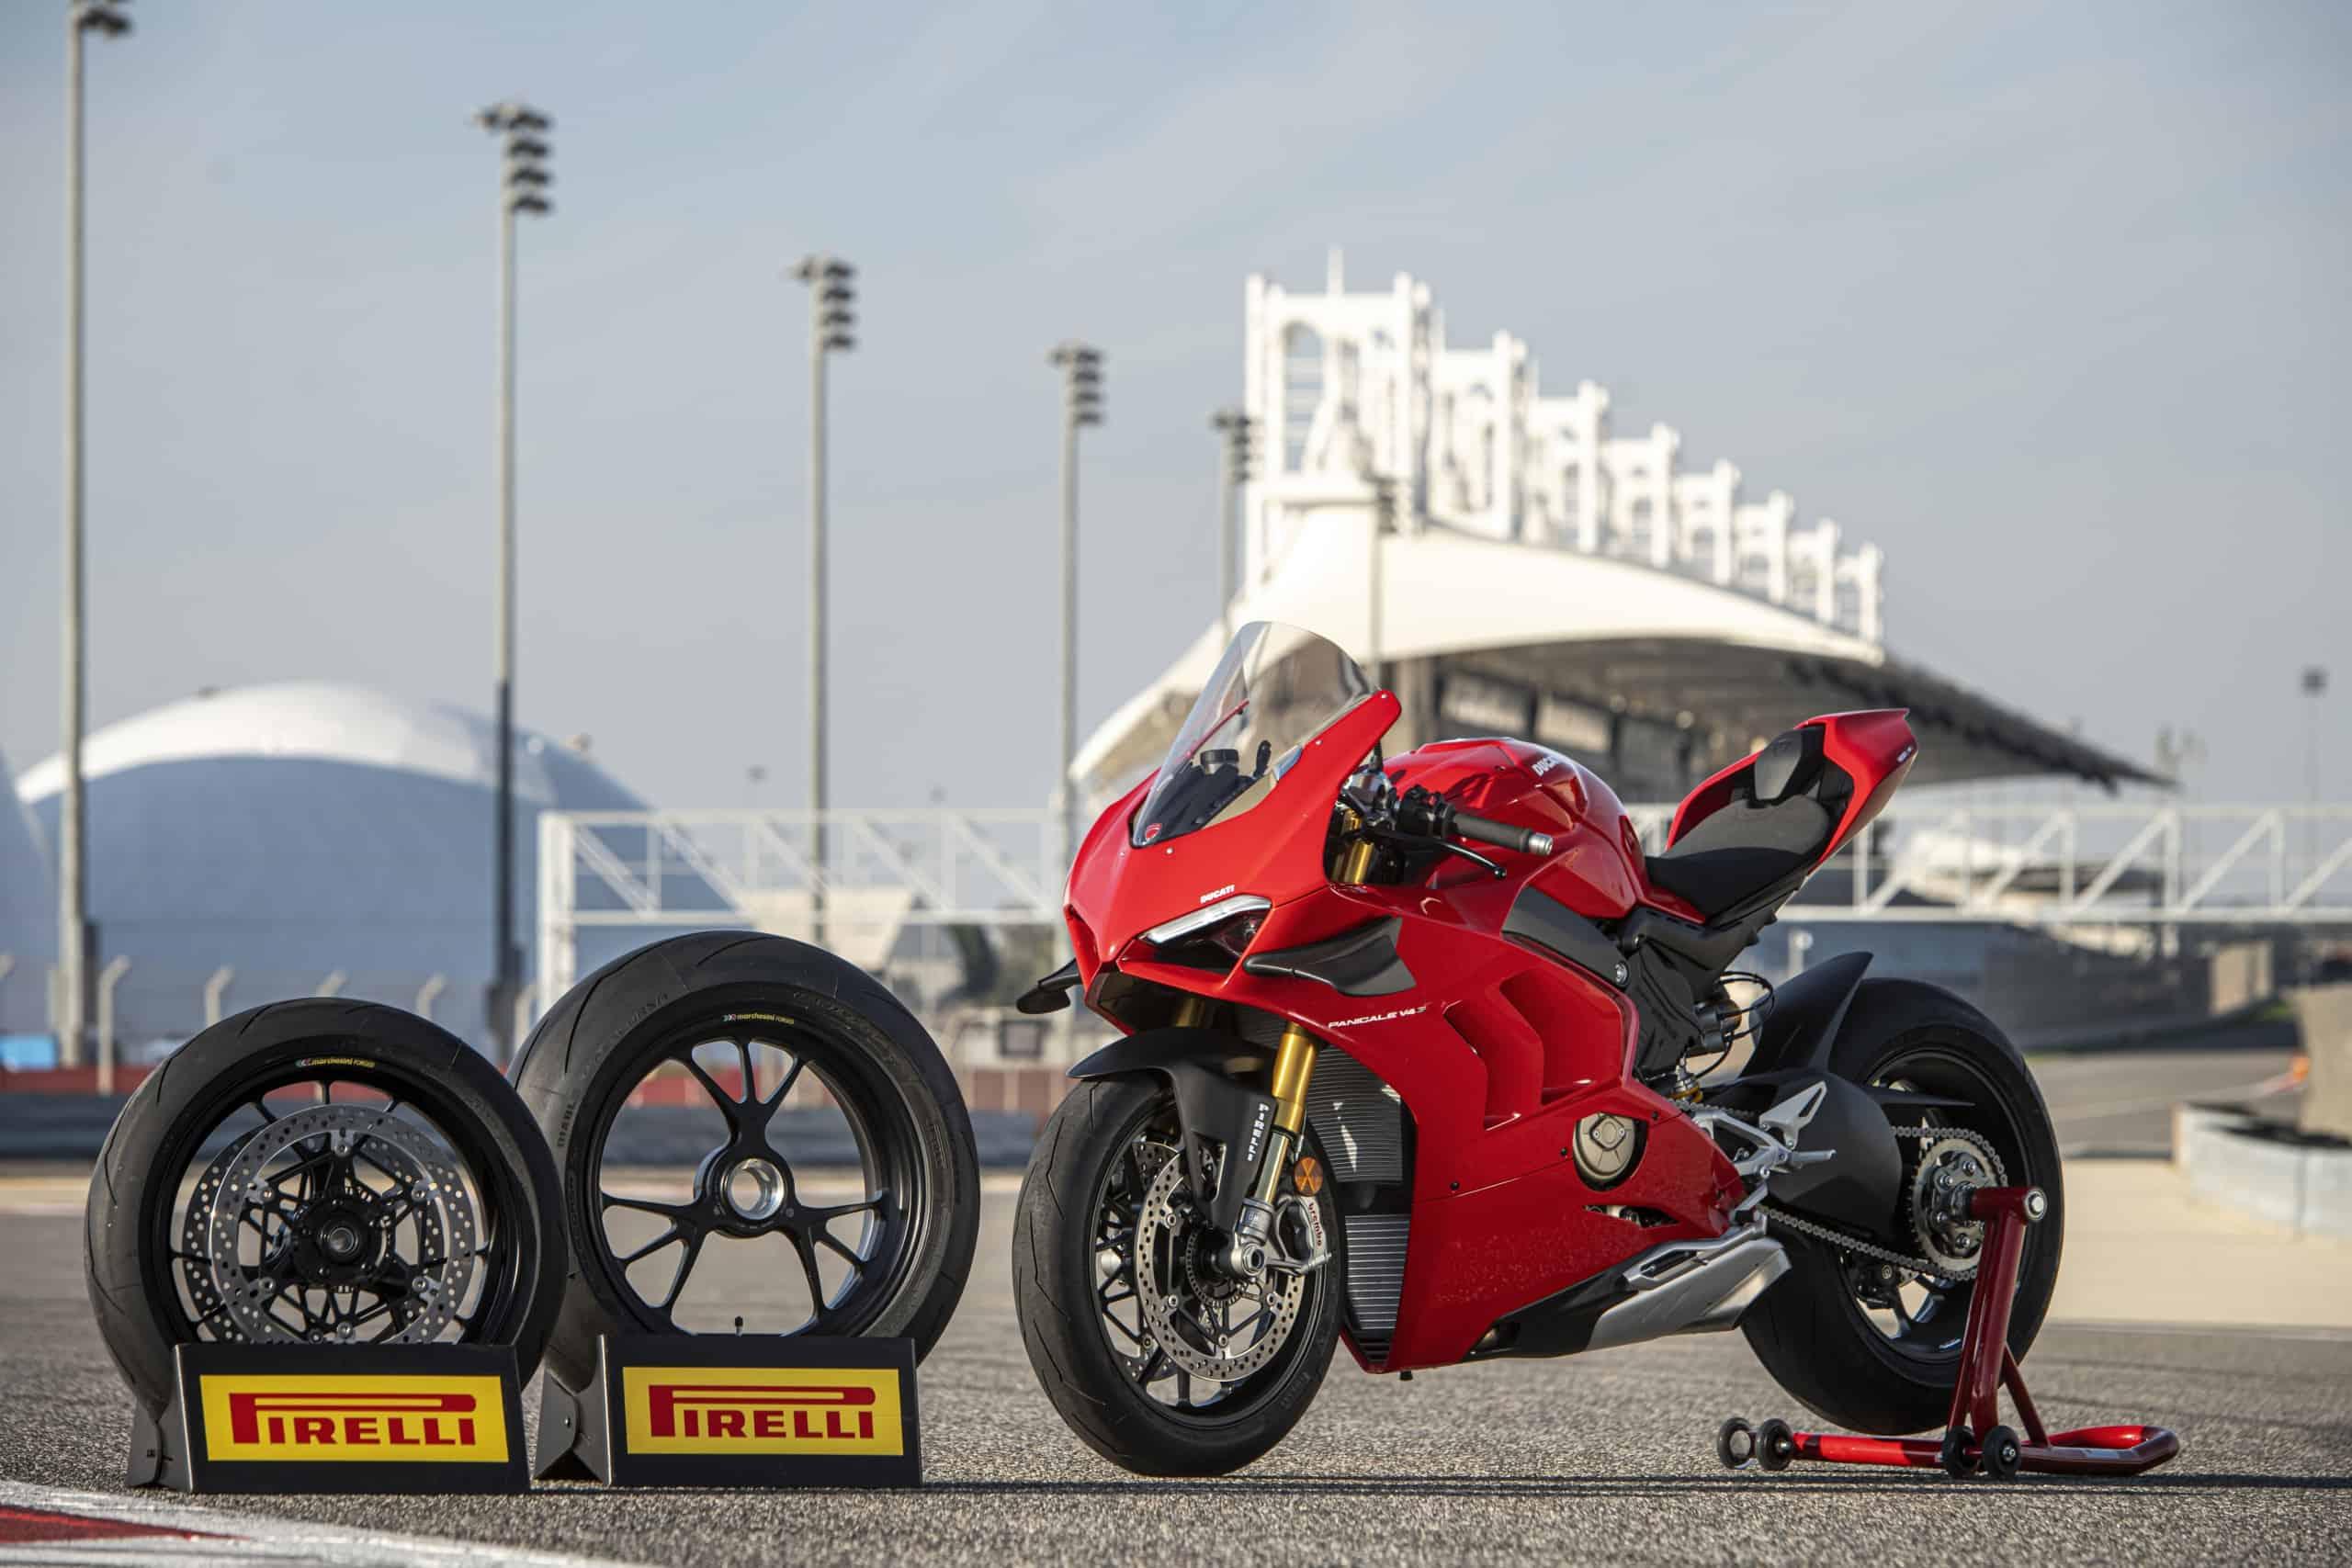 Motorbike Slick Racing Tyres